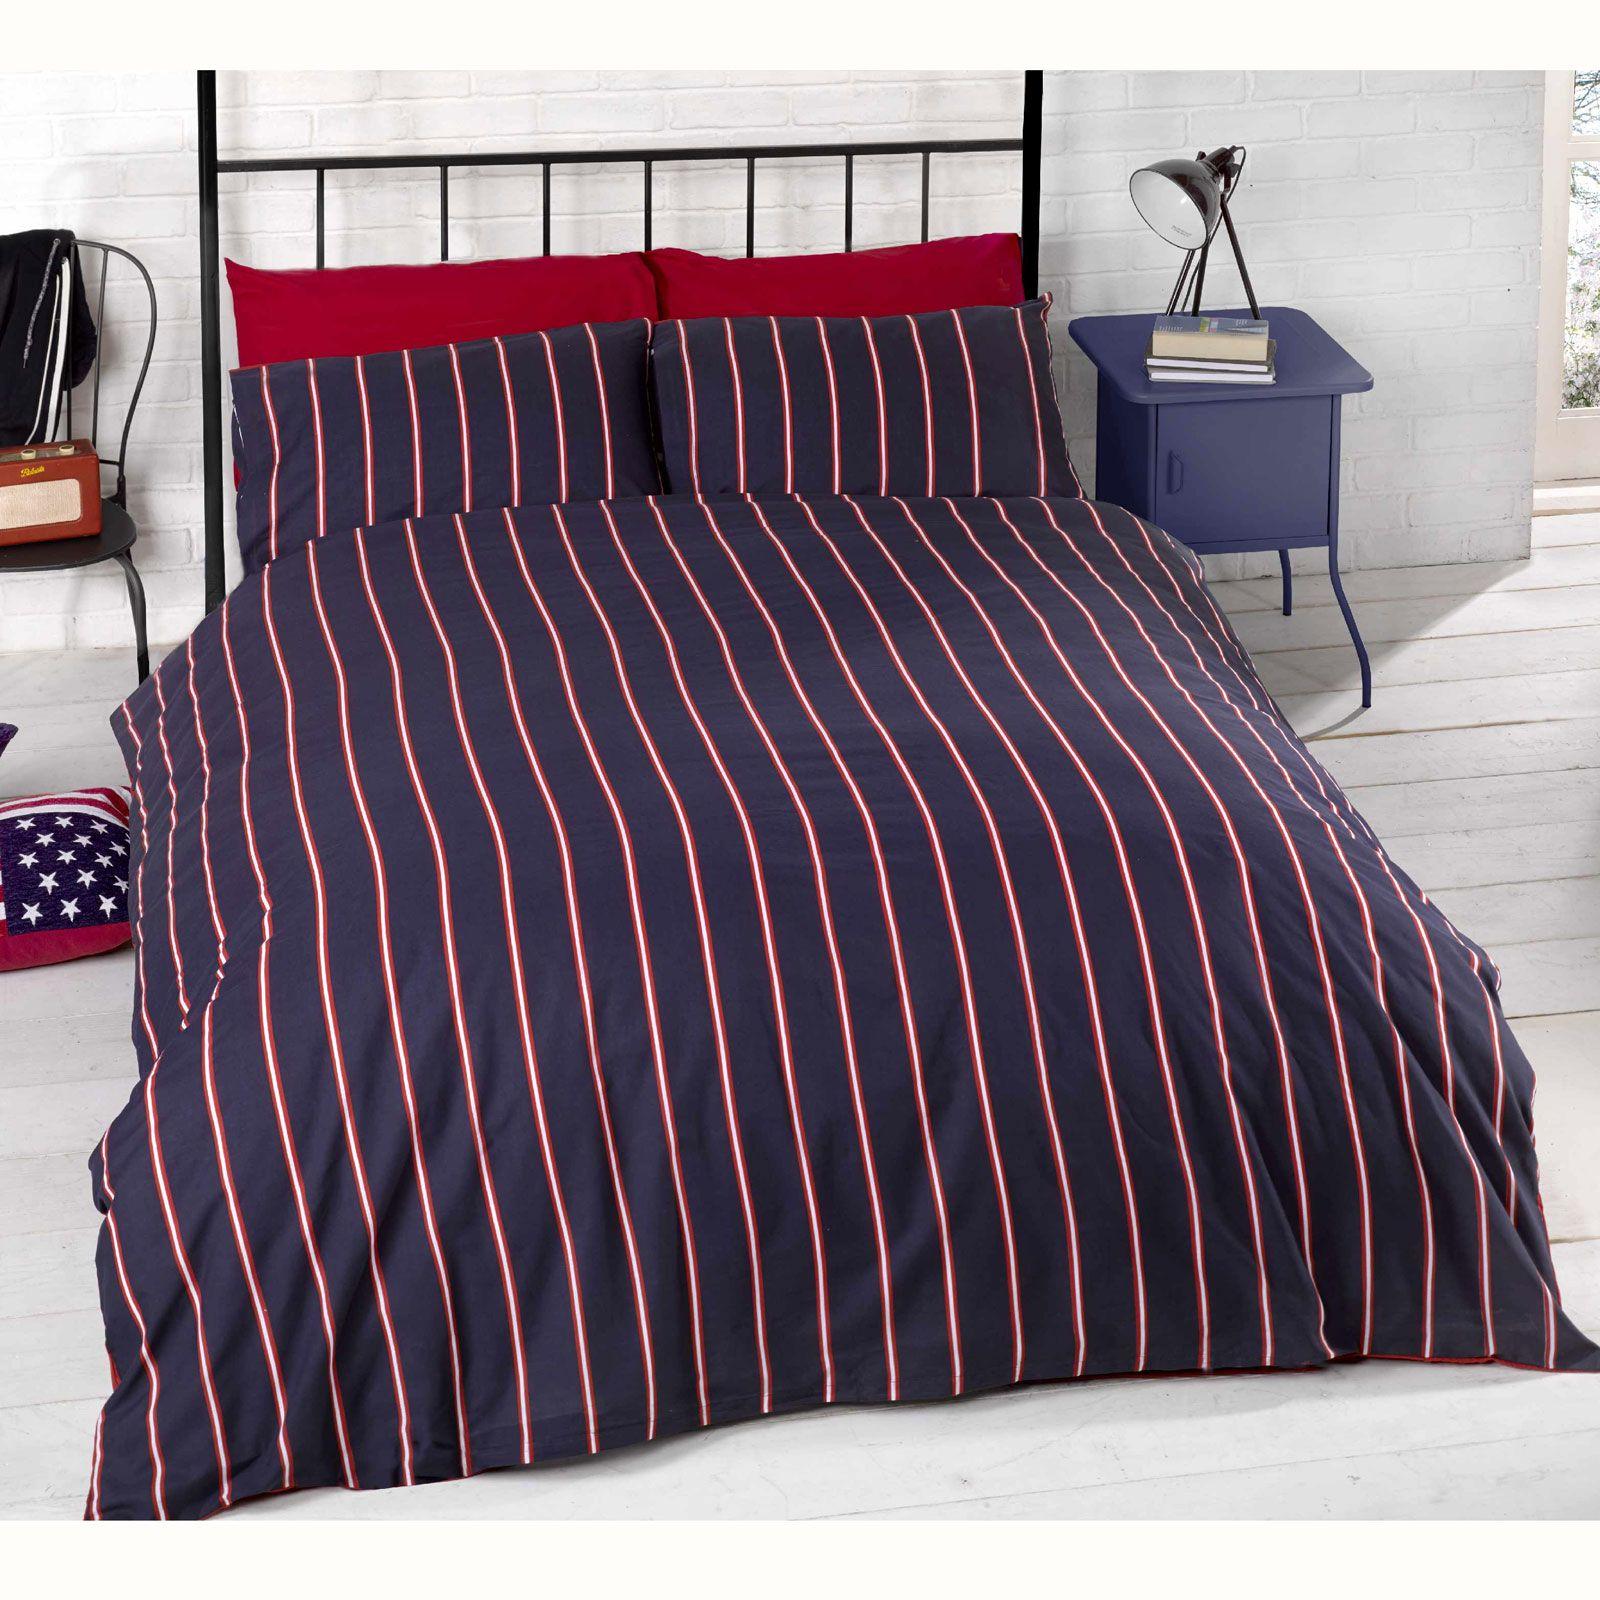 Jugendliche Bettwäsche Jersey Bettwäsche 135x200 Günstig Schöne